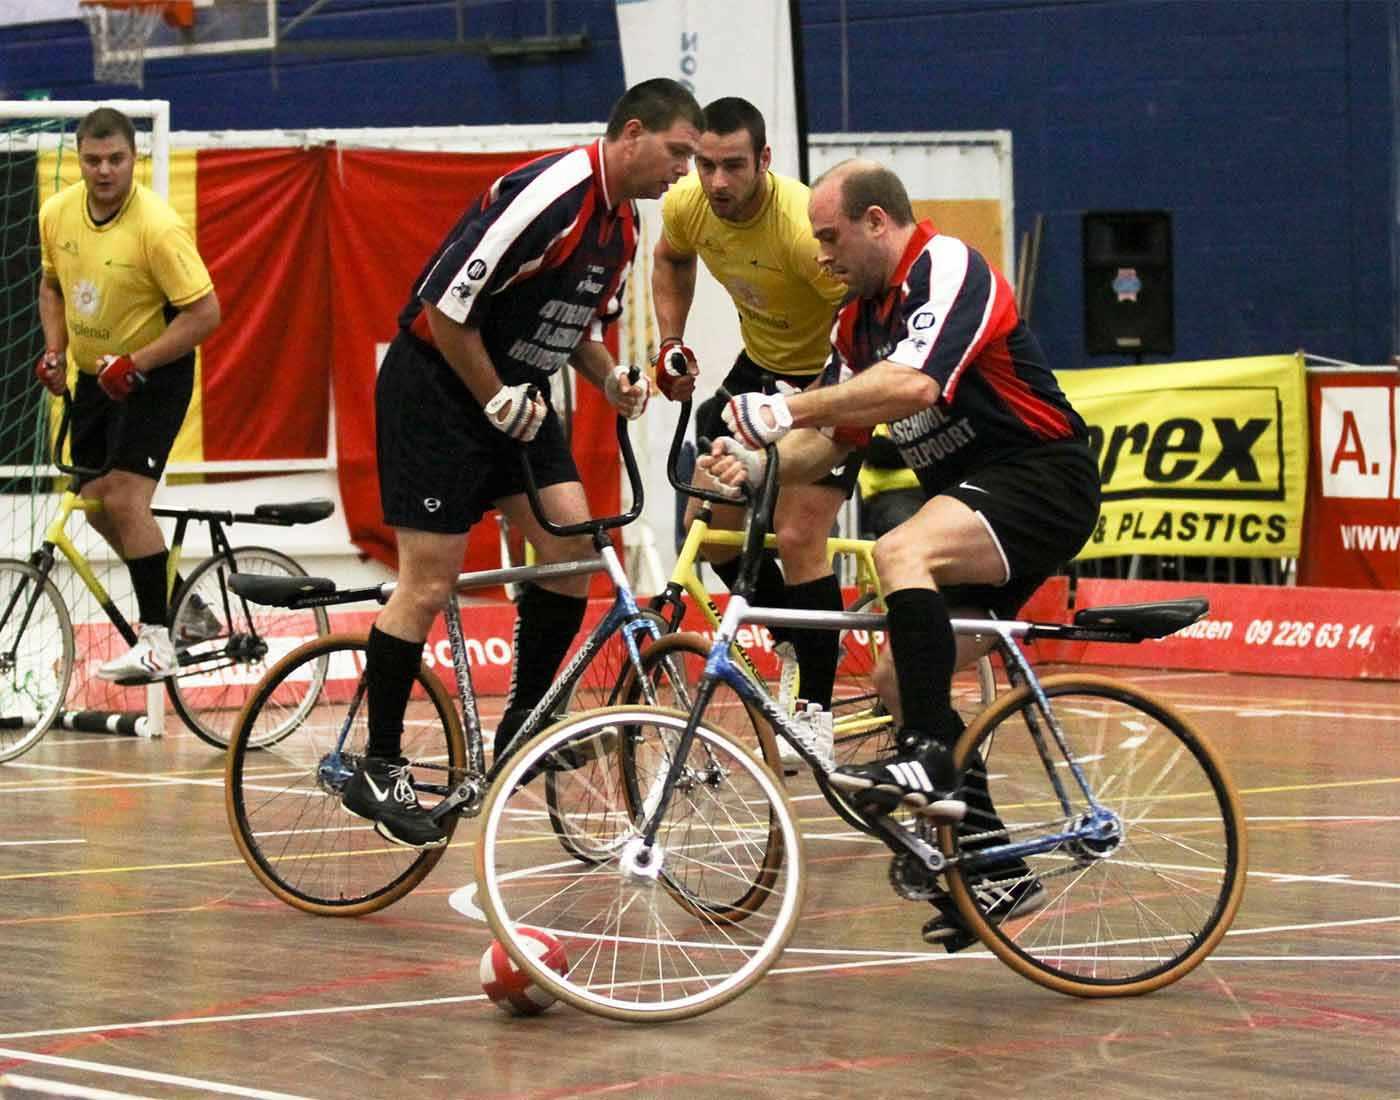 Cycle ball Radball